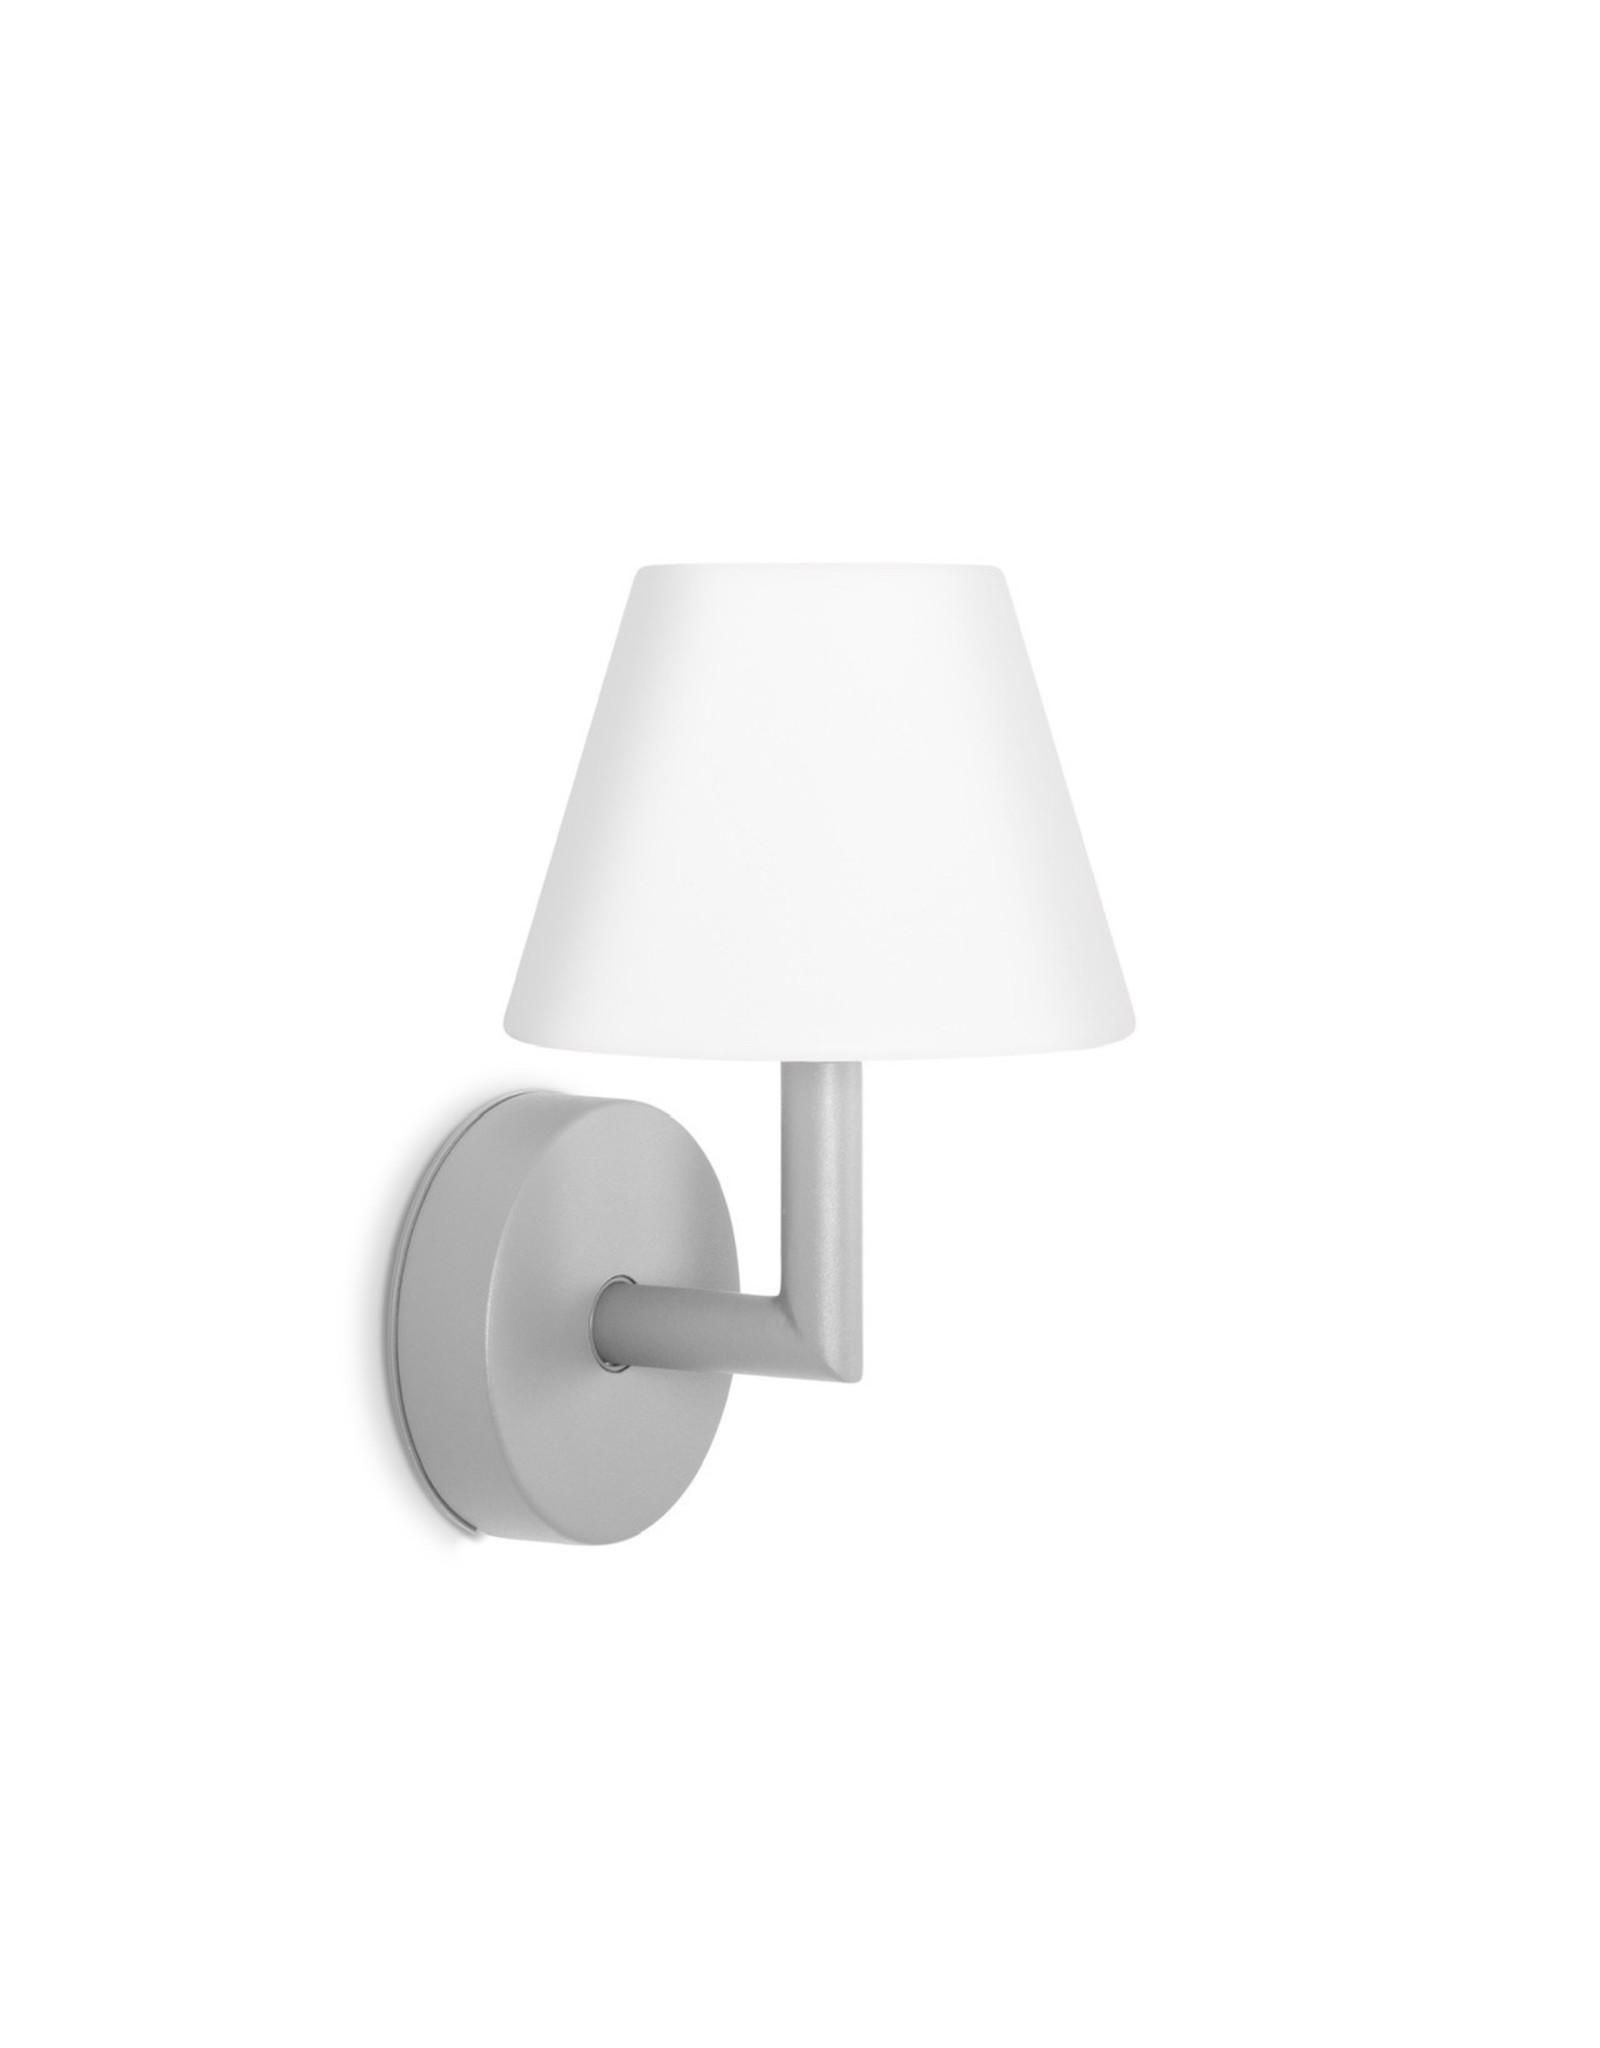 Fatboy FATBOY - Add the Wally lamp